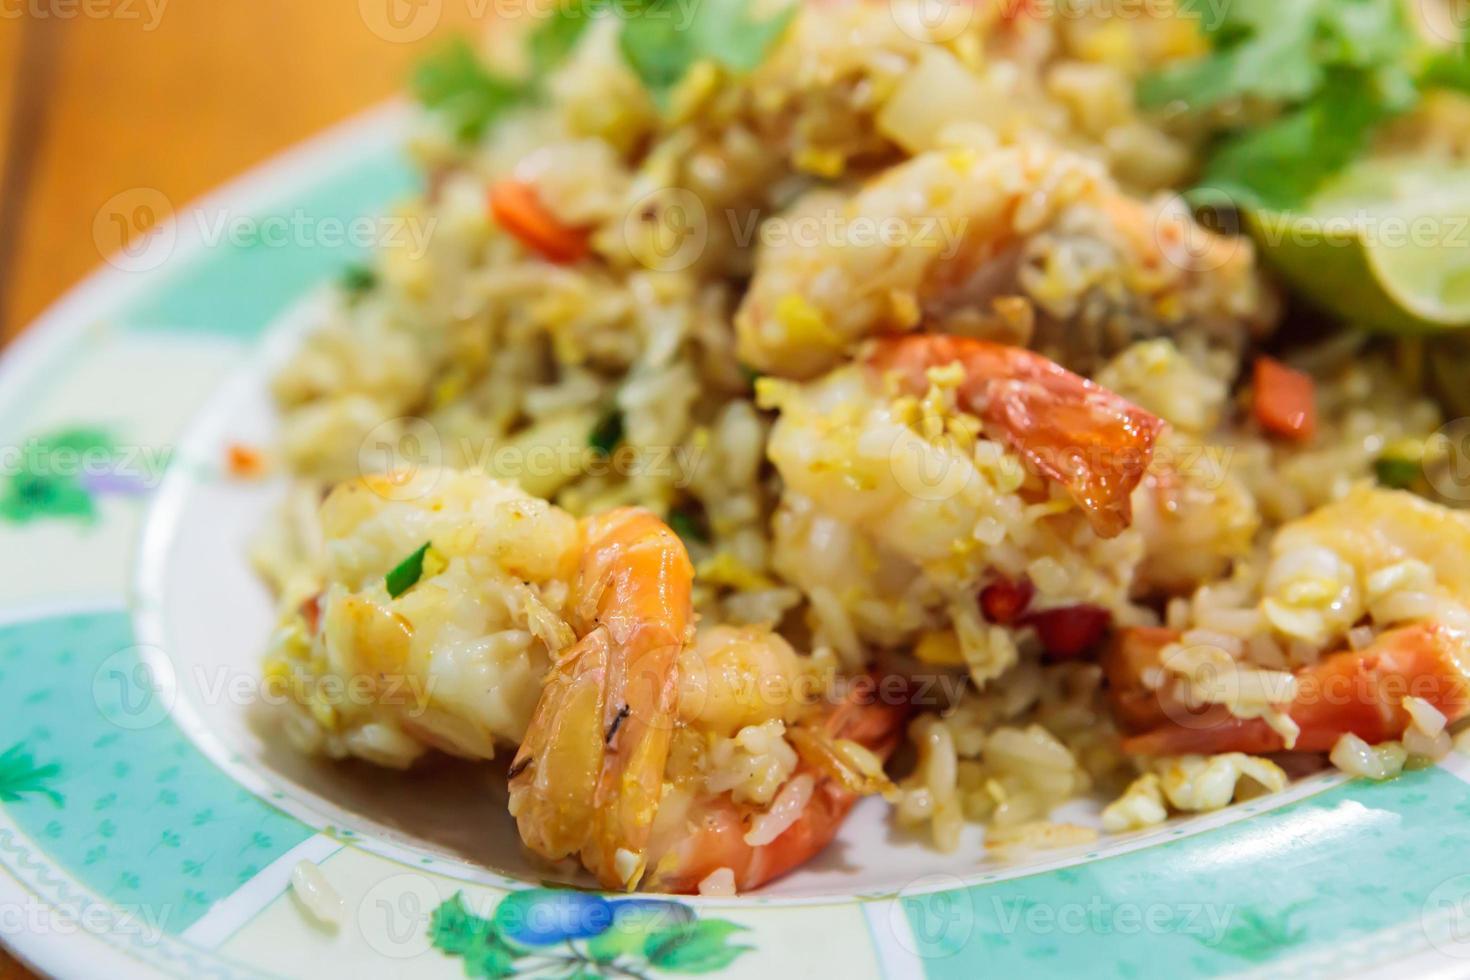 arroz frito con camarones foto